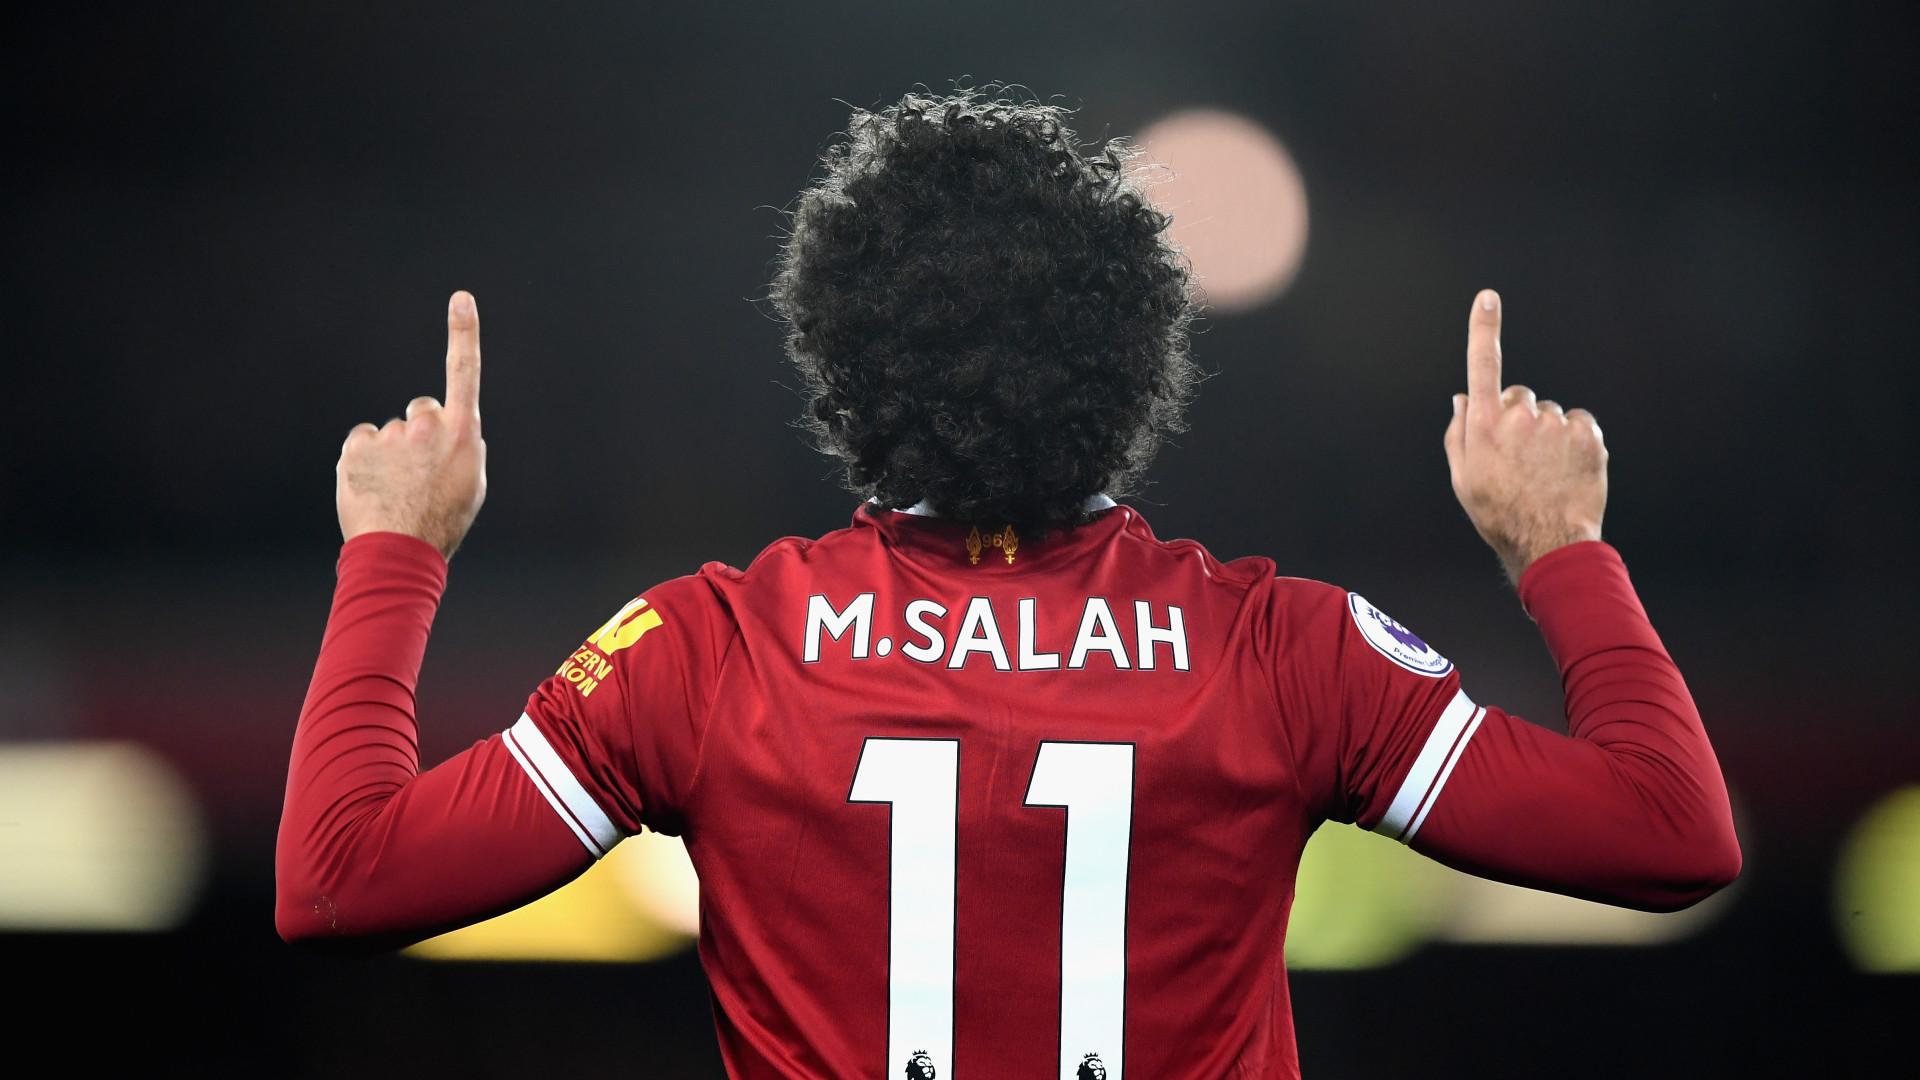 Champions ou Bota de Ouro? Salah não tem dúvidas sobre qual escolheria